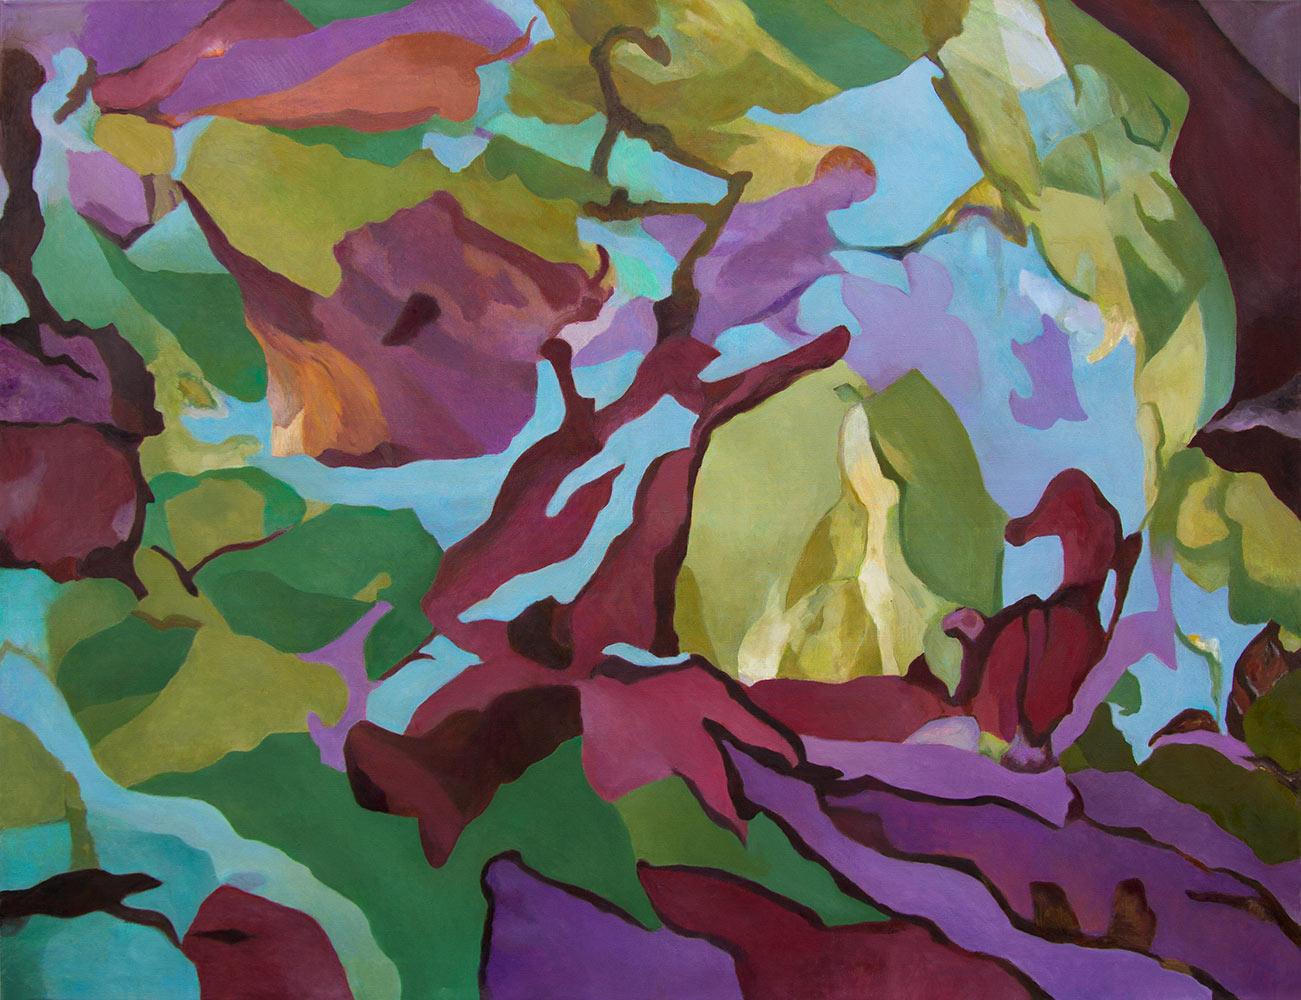 Reigen, 135 x 170 cm, Öl auf Leinwand